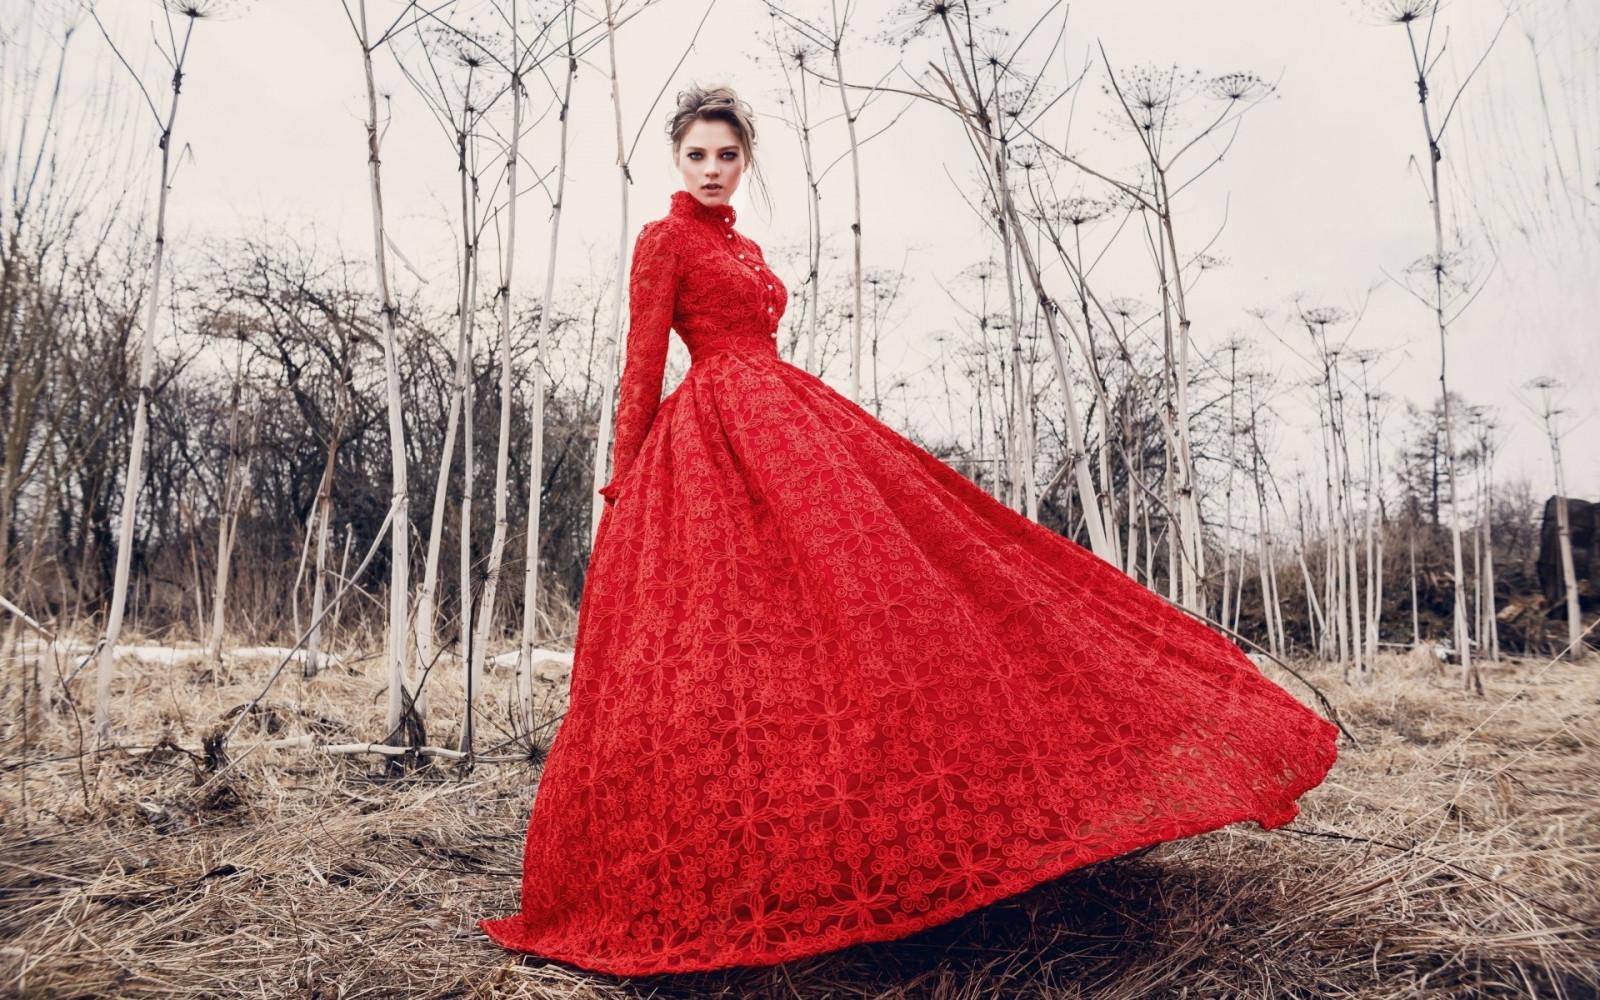 1b35c4e37e nők szabadban nők modell piros ruha piros ruha divat Esküvői ruha tavaszi  ruházat nő menyasszony köntös